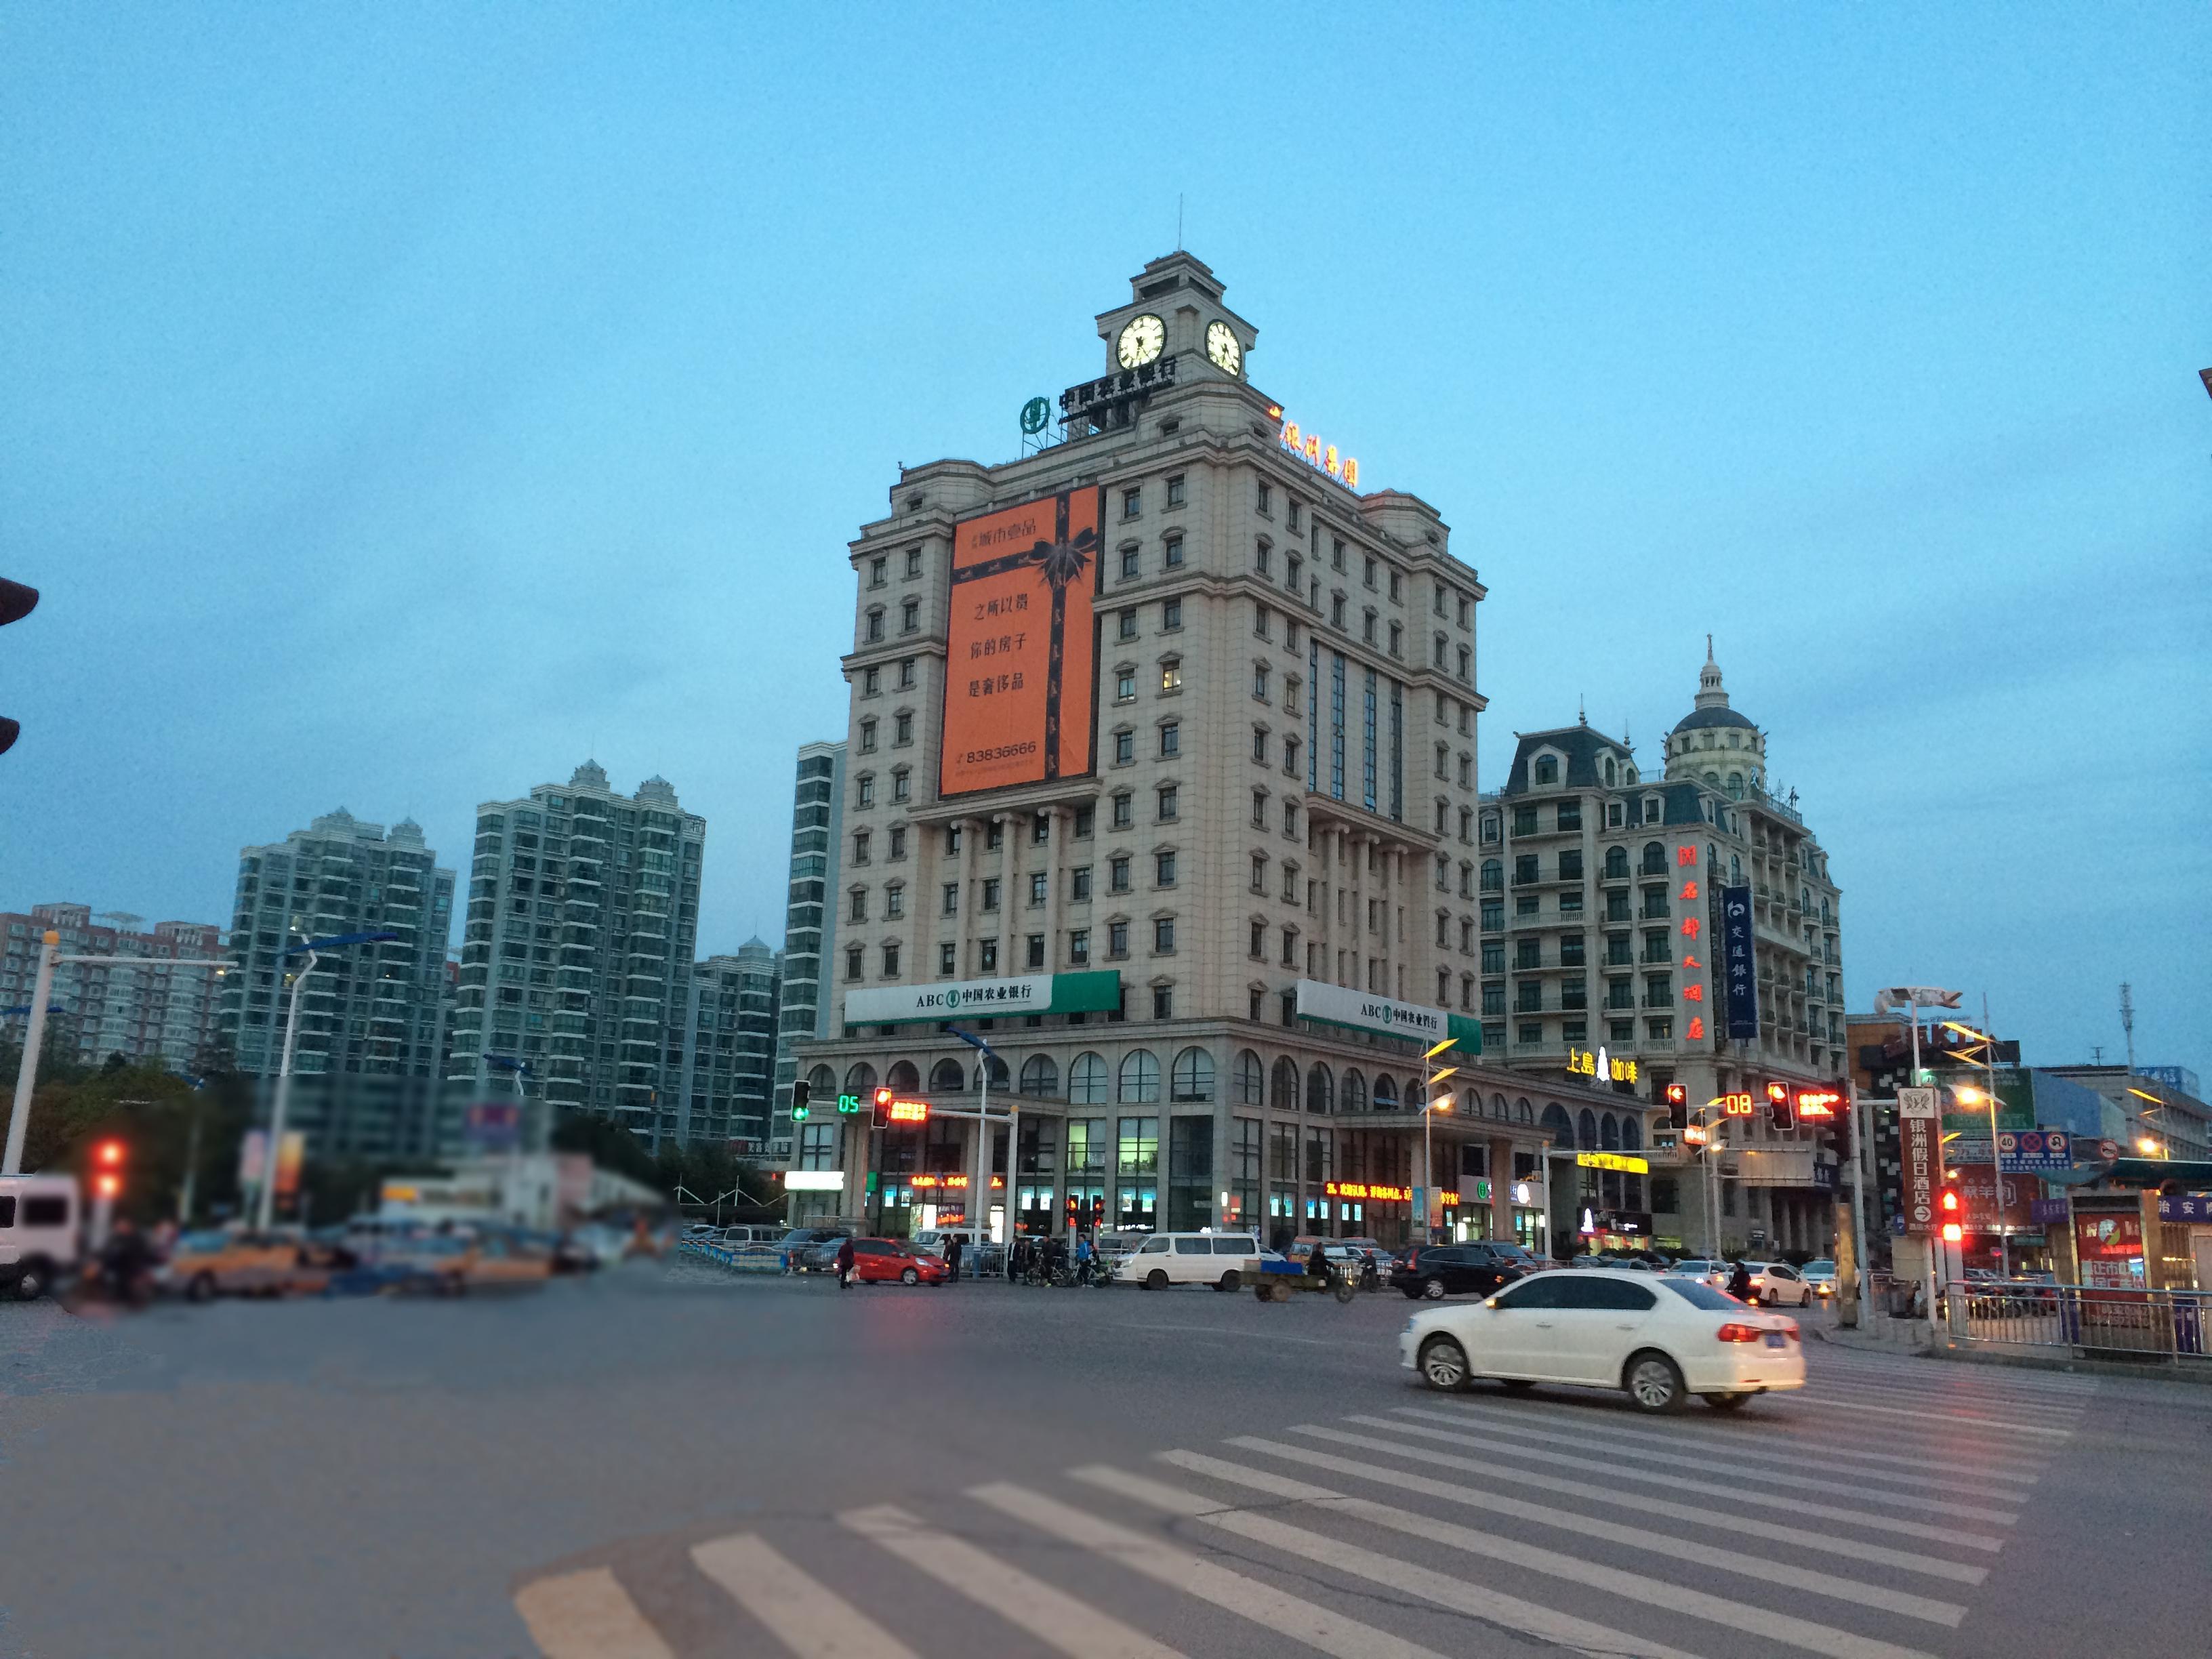 江苏省启东市欧洲风情街是一条贯穿人民路、公园路,宽12米、长300的步行街。它结合欧式建筑风格,收纳国内外知名品牌,汇聚启东服装、鞋帽、饰品、箱包等各类时尚消费精品。天鼎广场位于时代超市两层,万余平米的广场上配以现代气氛浓郁的大型音乐水幕电影,使休闲区与商业购物区形成良好互动,实现了商业与休闲的完美结合。VVA品牌专卖店位于欧洲风情街72号。